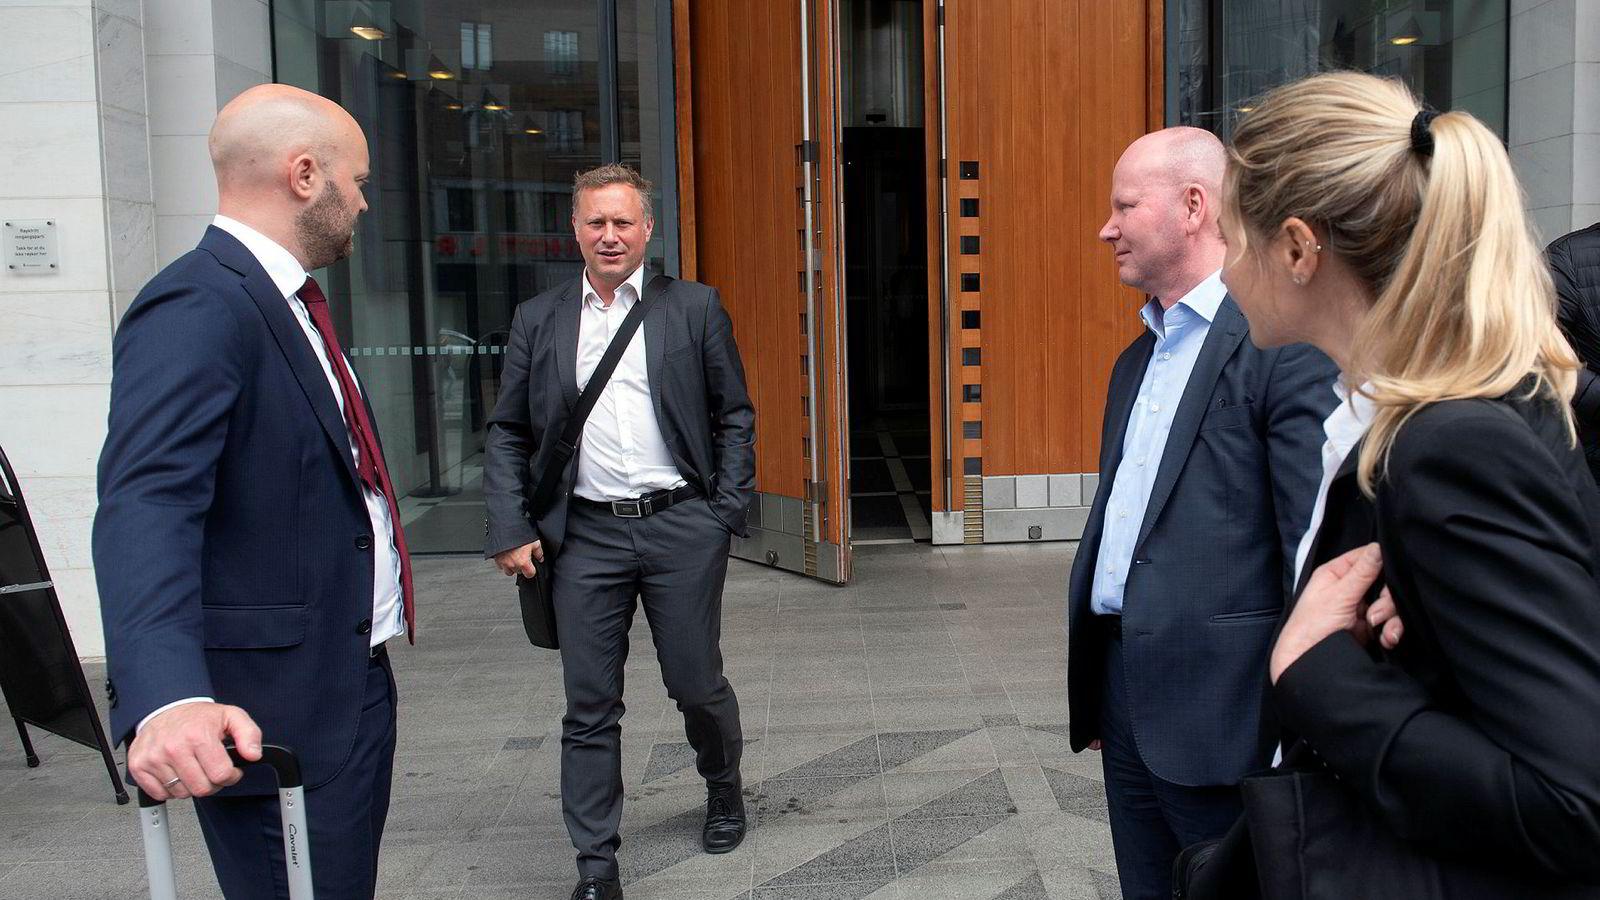 Inducts administrerende direktør Alf Martin Johansen på vei ut av Oslo tingrett etter rettssaken mot Alpha Blue Ocean i juni. Til venstre er advokat Vidar Riksfjord i Advokatfirmaet CLP og til høyre er finansdirektør Åge Muren og advokatfullmektig Janne M. Gillesen.